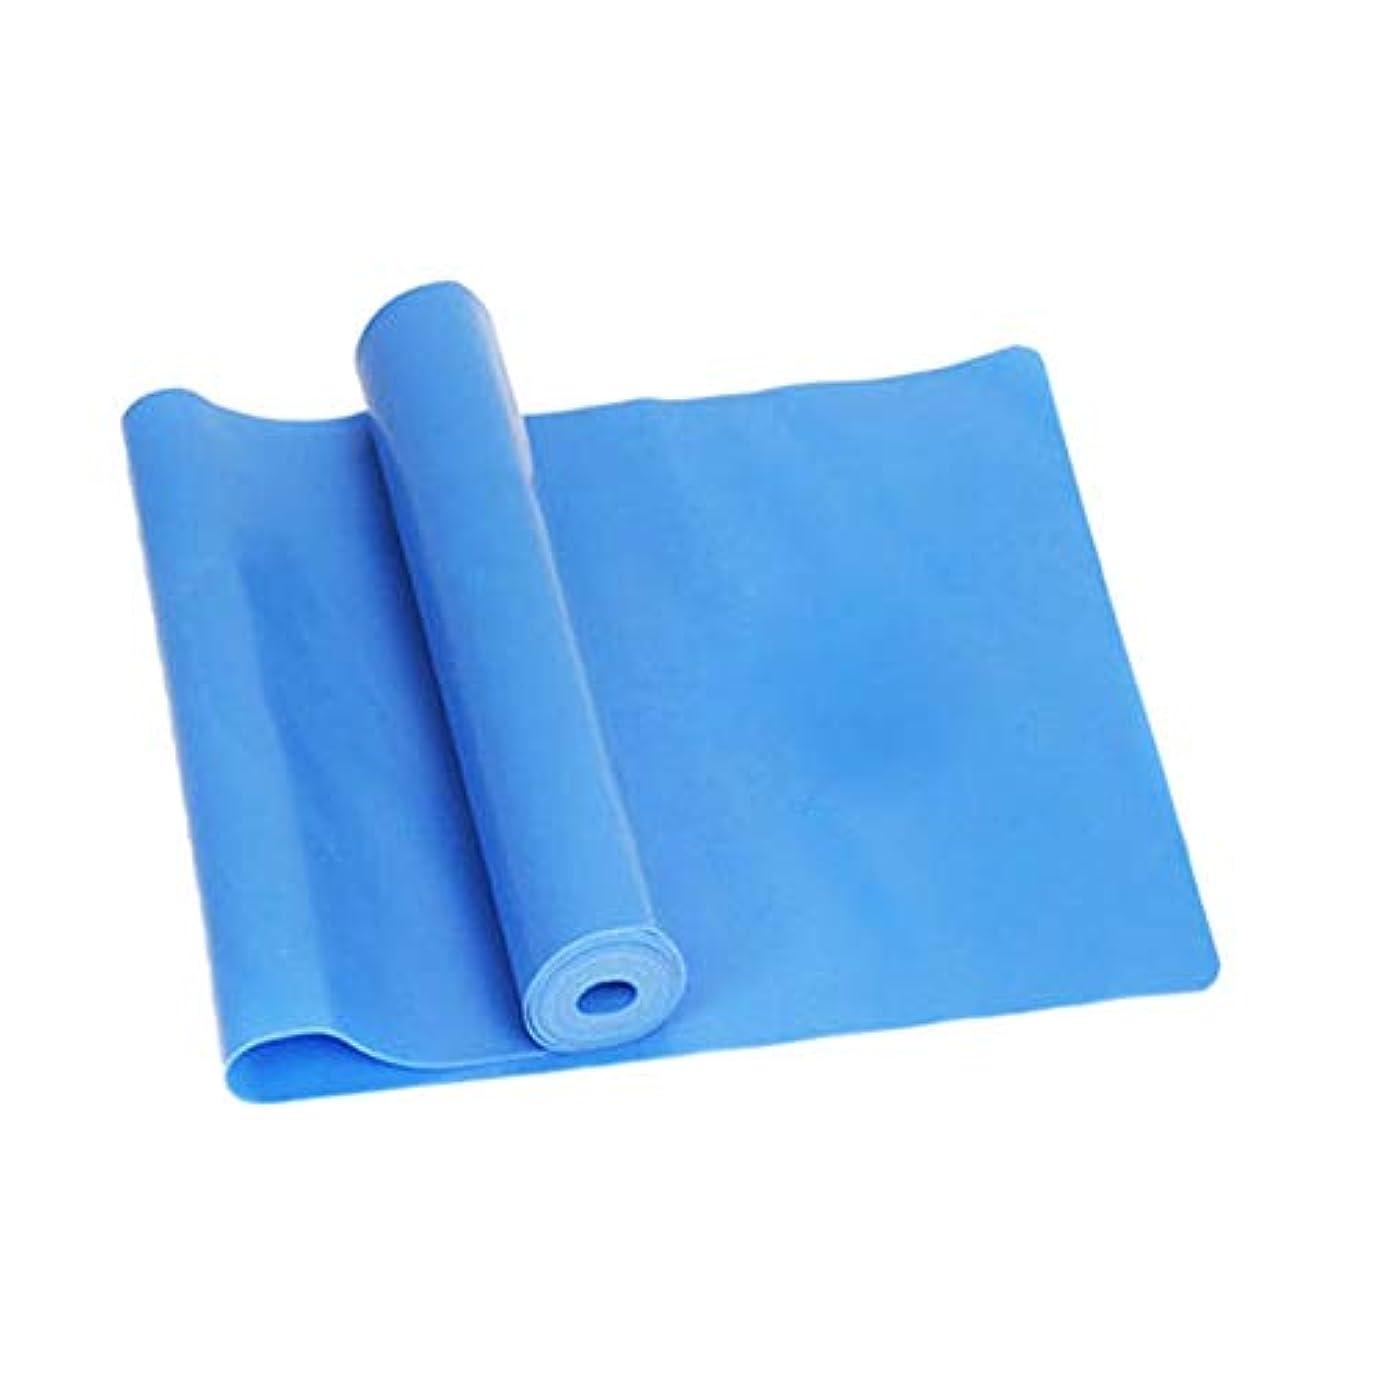 徹底的にペルセウス全能スポーツジムフィットネスヨガ用品筋力トレーニング弾性抵抗バンドトレーニングヨガゴムループスポーツピラテスバンド - ブルー